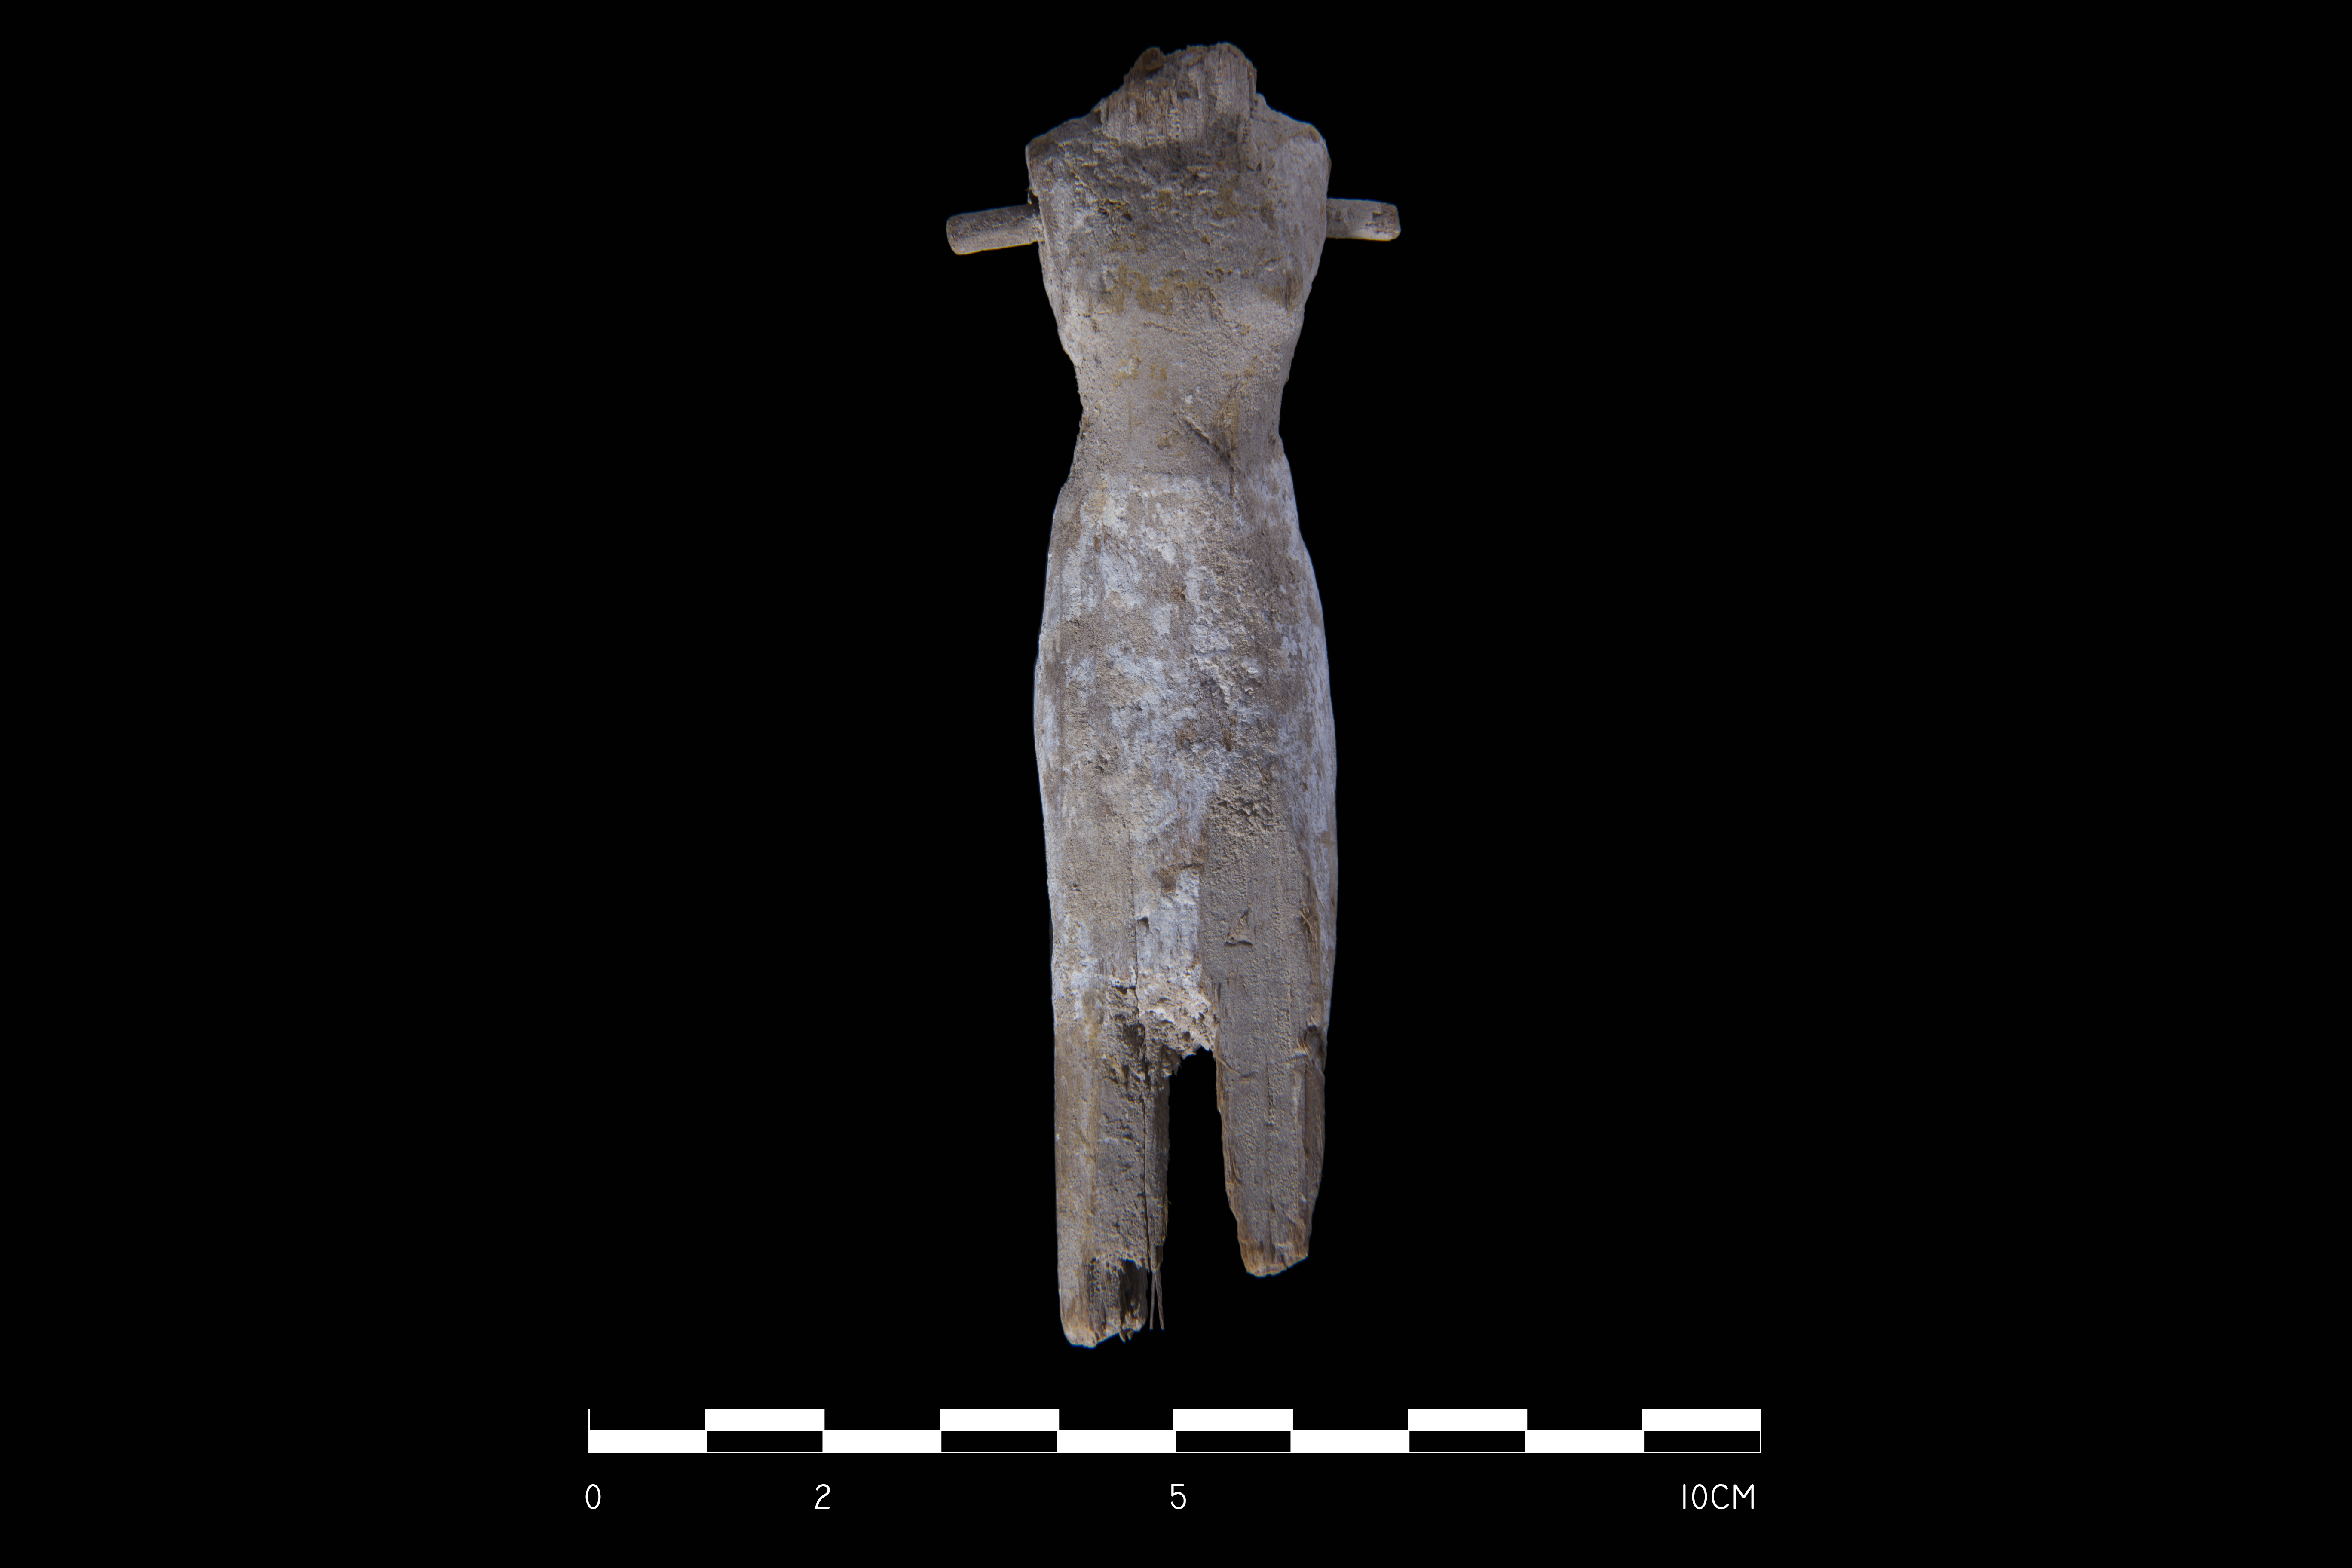 Ryc. 5. Fragment modelu drewnianego ukazującego nosicielkę ofiar (fot. M. Jawornicki).